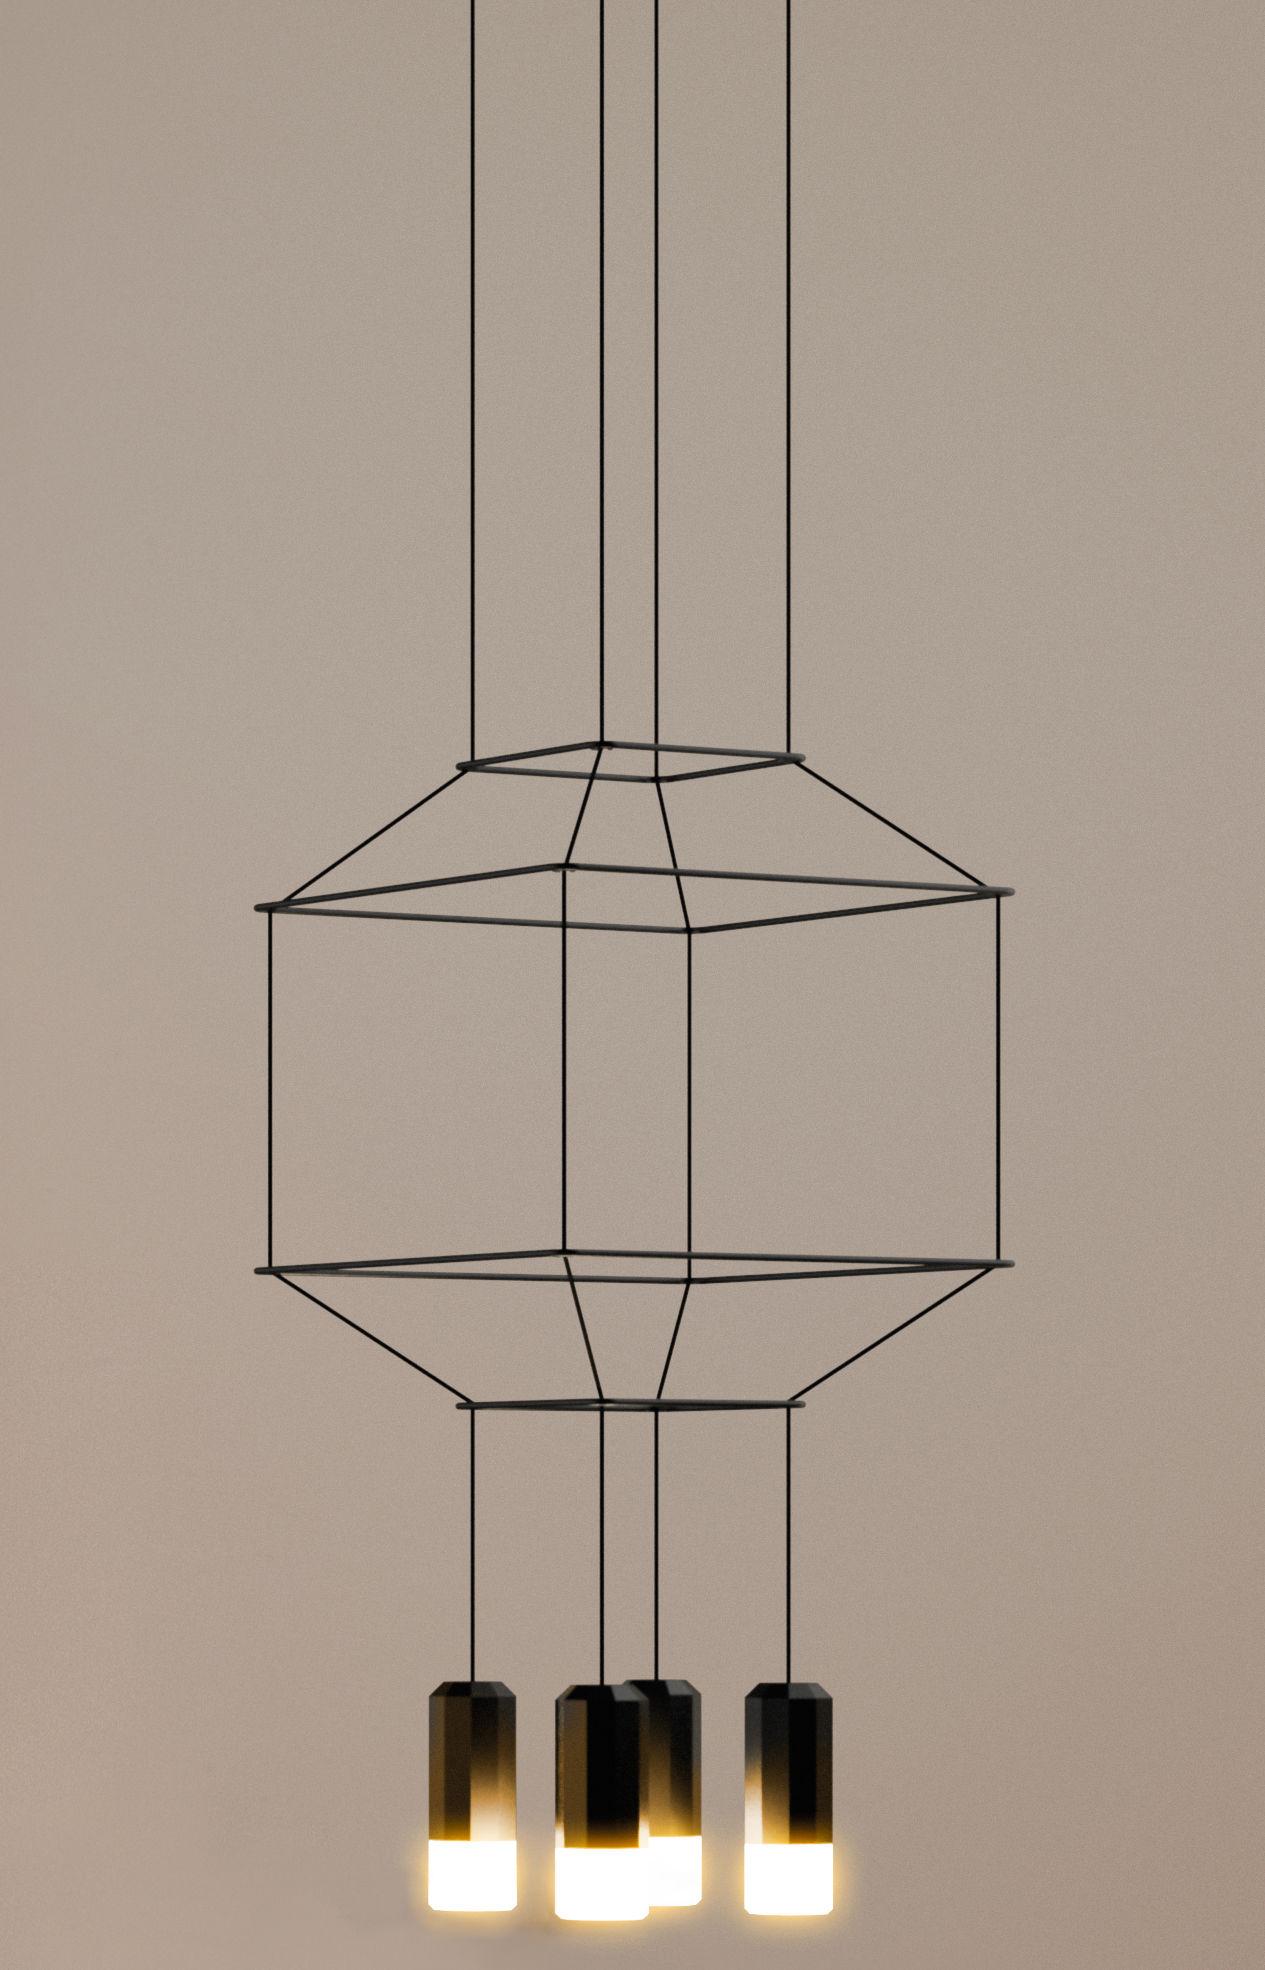 Illuminazione - Lampadari - Sospensione Wireflow - / 30 x 30 x H 32,5 cm di Vibia - Nero - metallo laccato, Teflon, Tessuto, Vetro